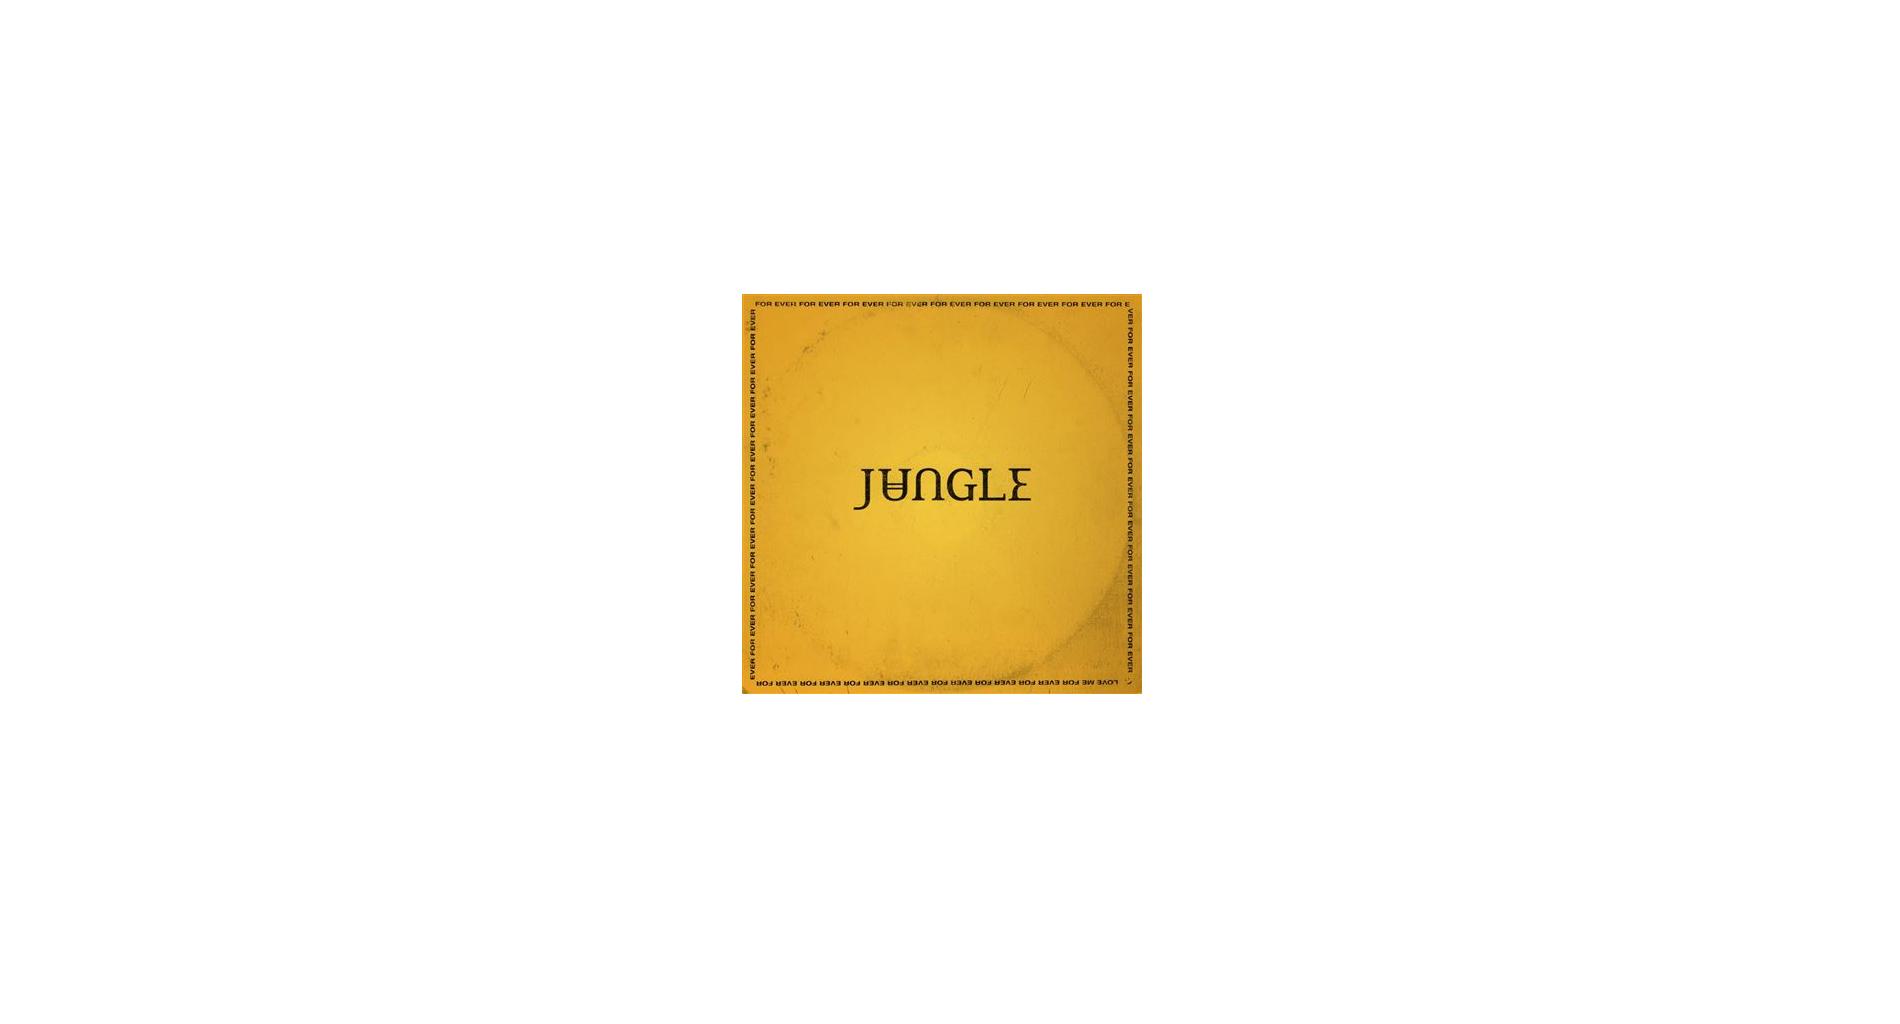 Un album de 13 titres disponible partout pour une dizaine d'euros si vous êtes vieux jeu comme moi.